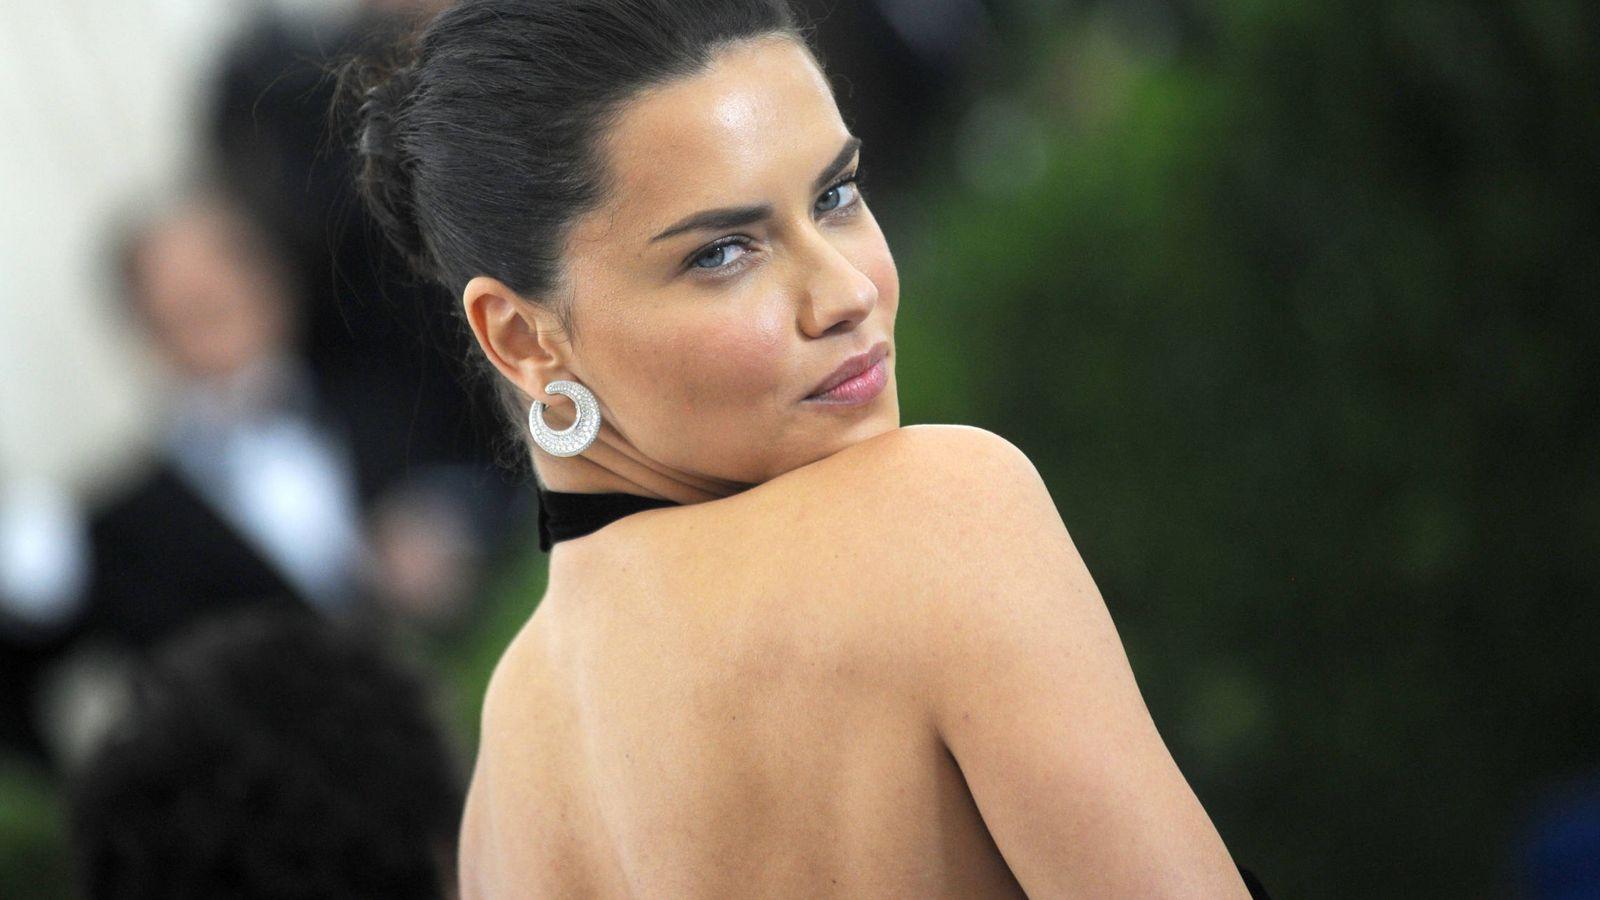 Foto: La modelo Adriana Lima en una imagen de archivo. (Gtres)